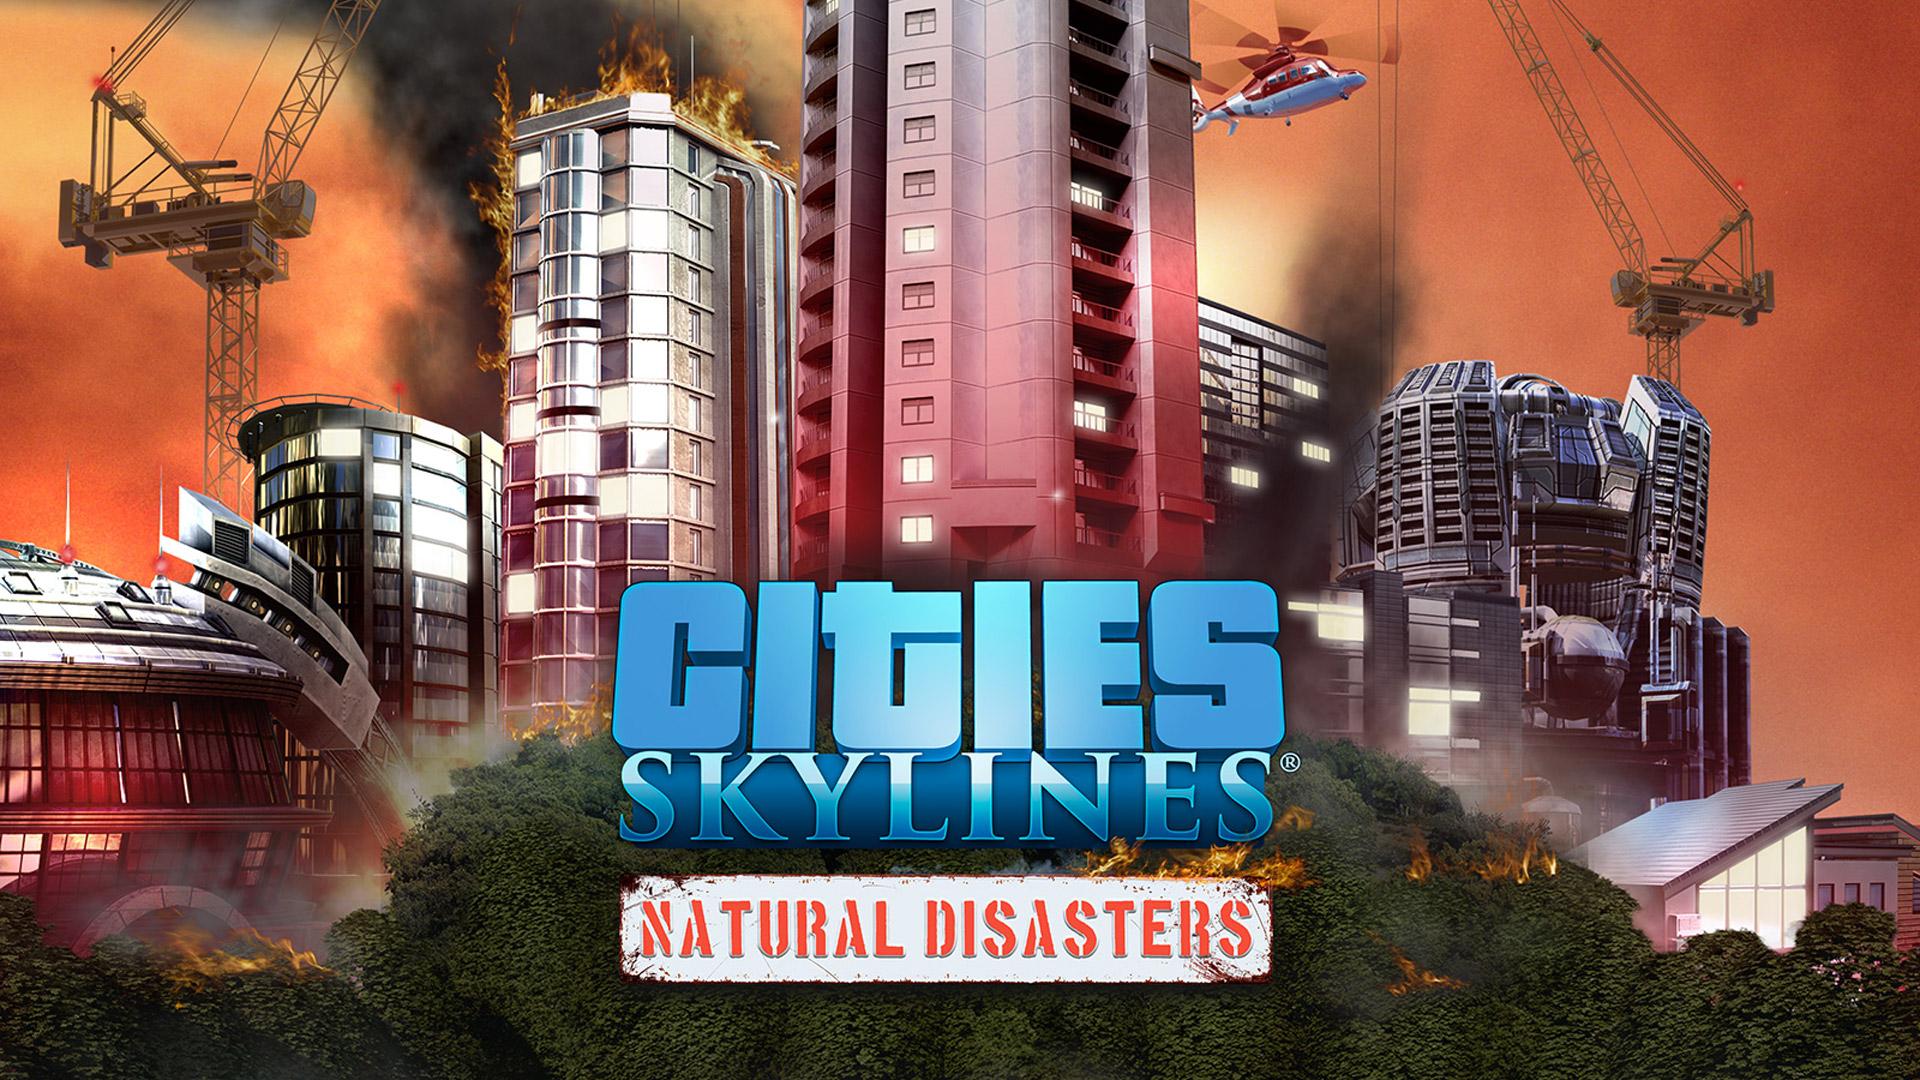 Cities: Skylines Wallpaper in 1920x1080